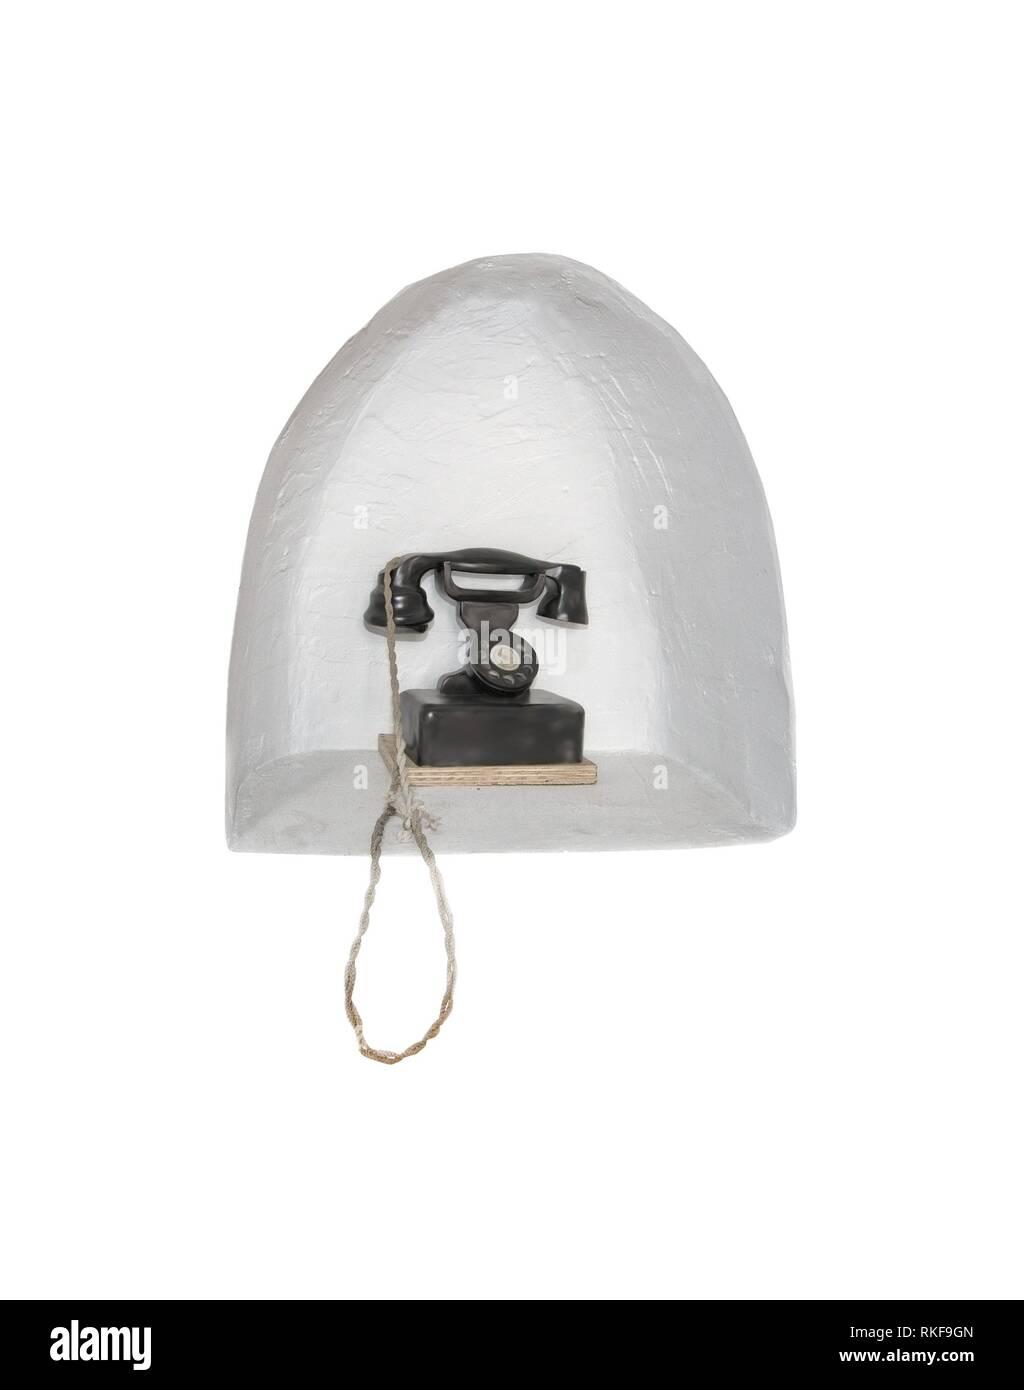 Retro vintage black landline telephone isolated on white. - Stock Image